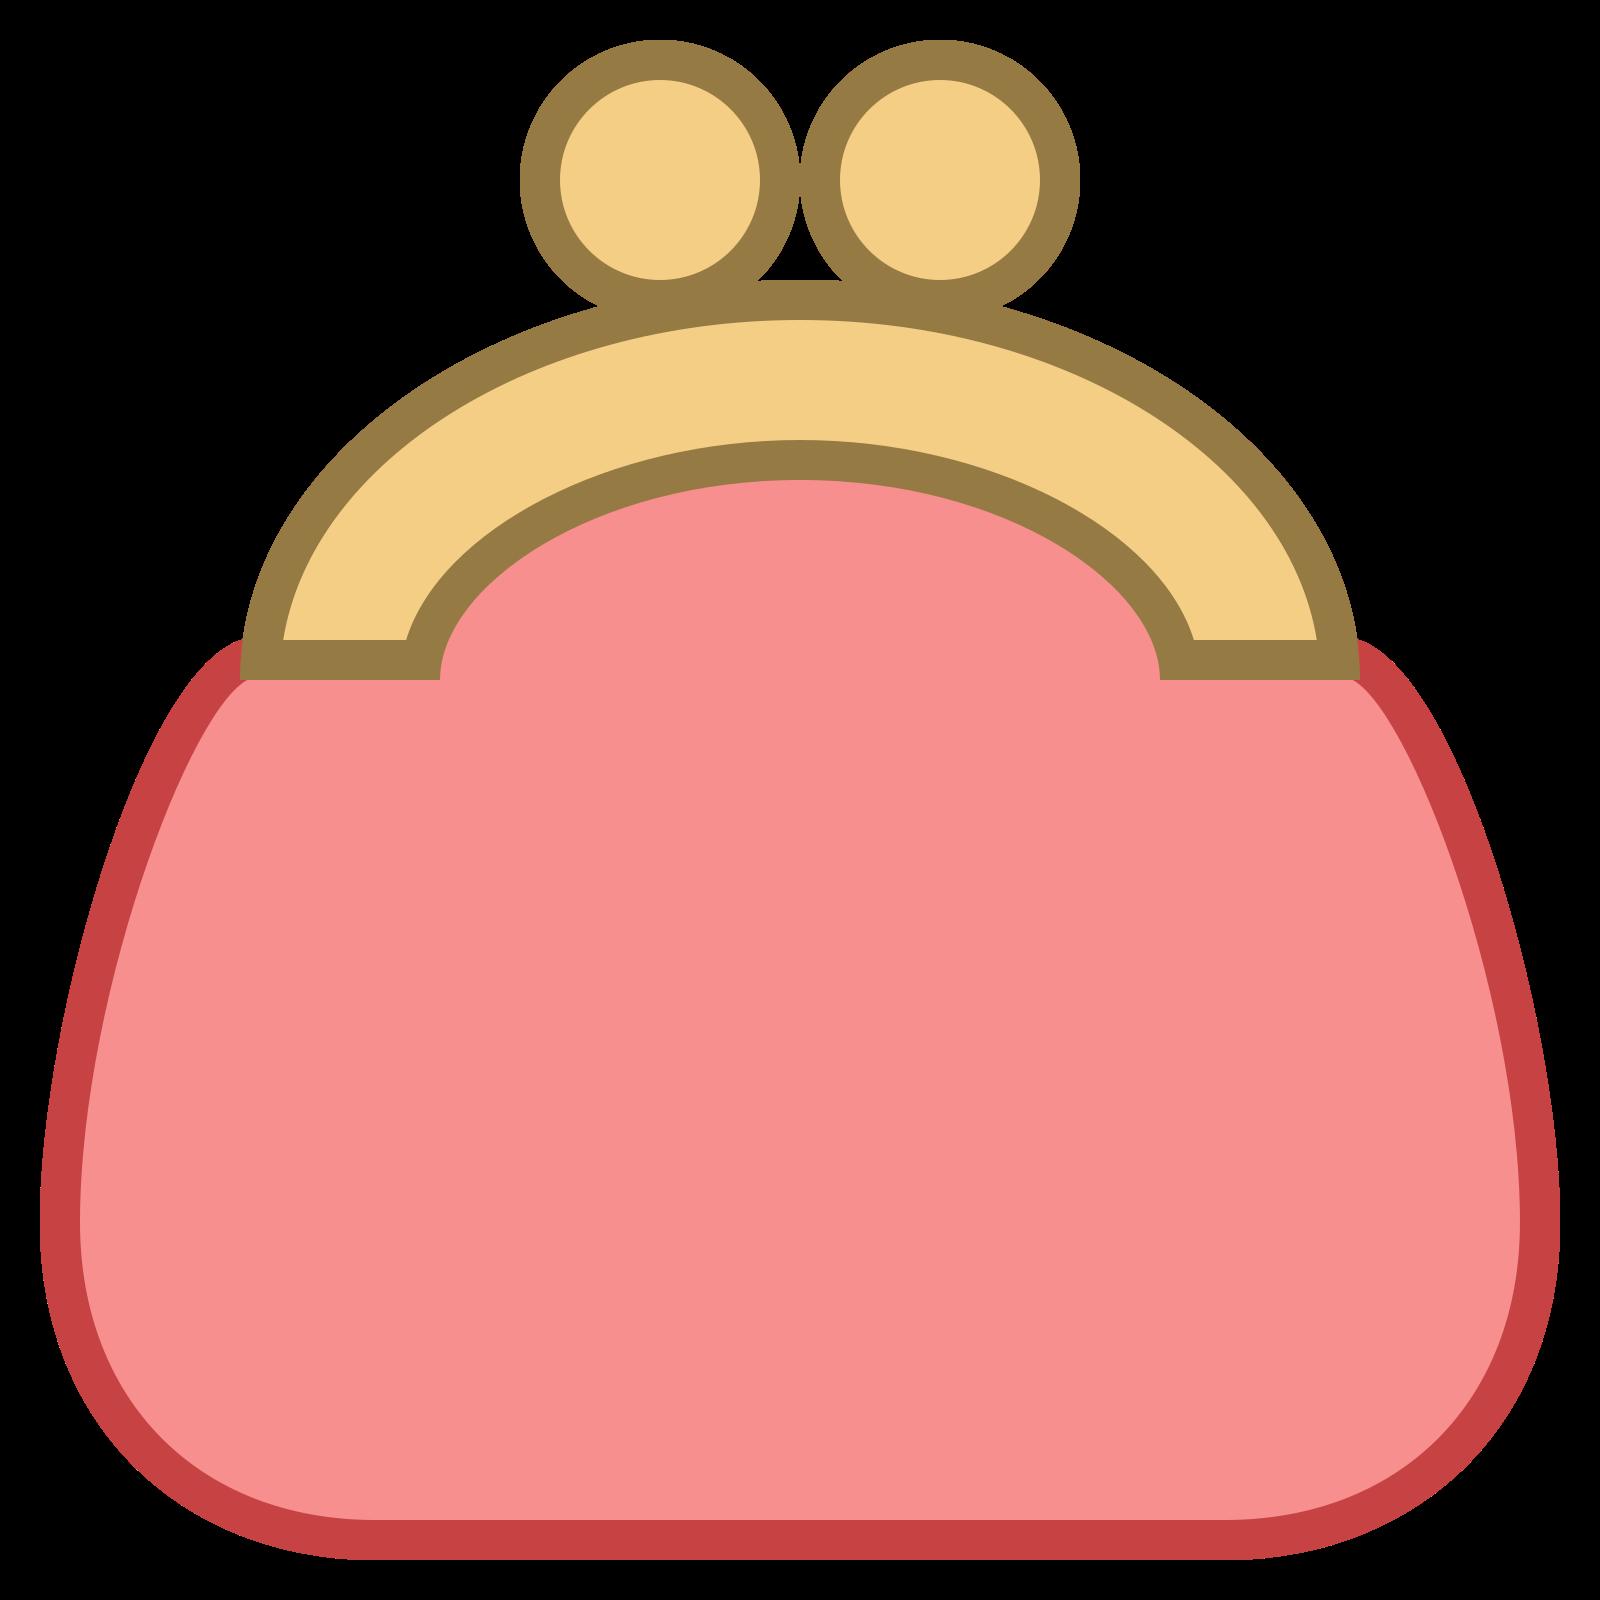 Monedero icon